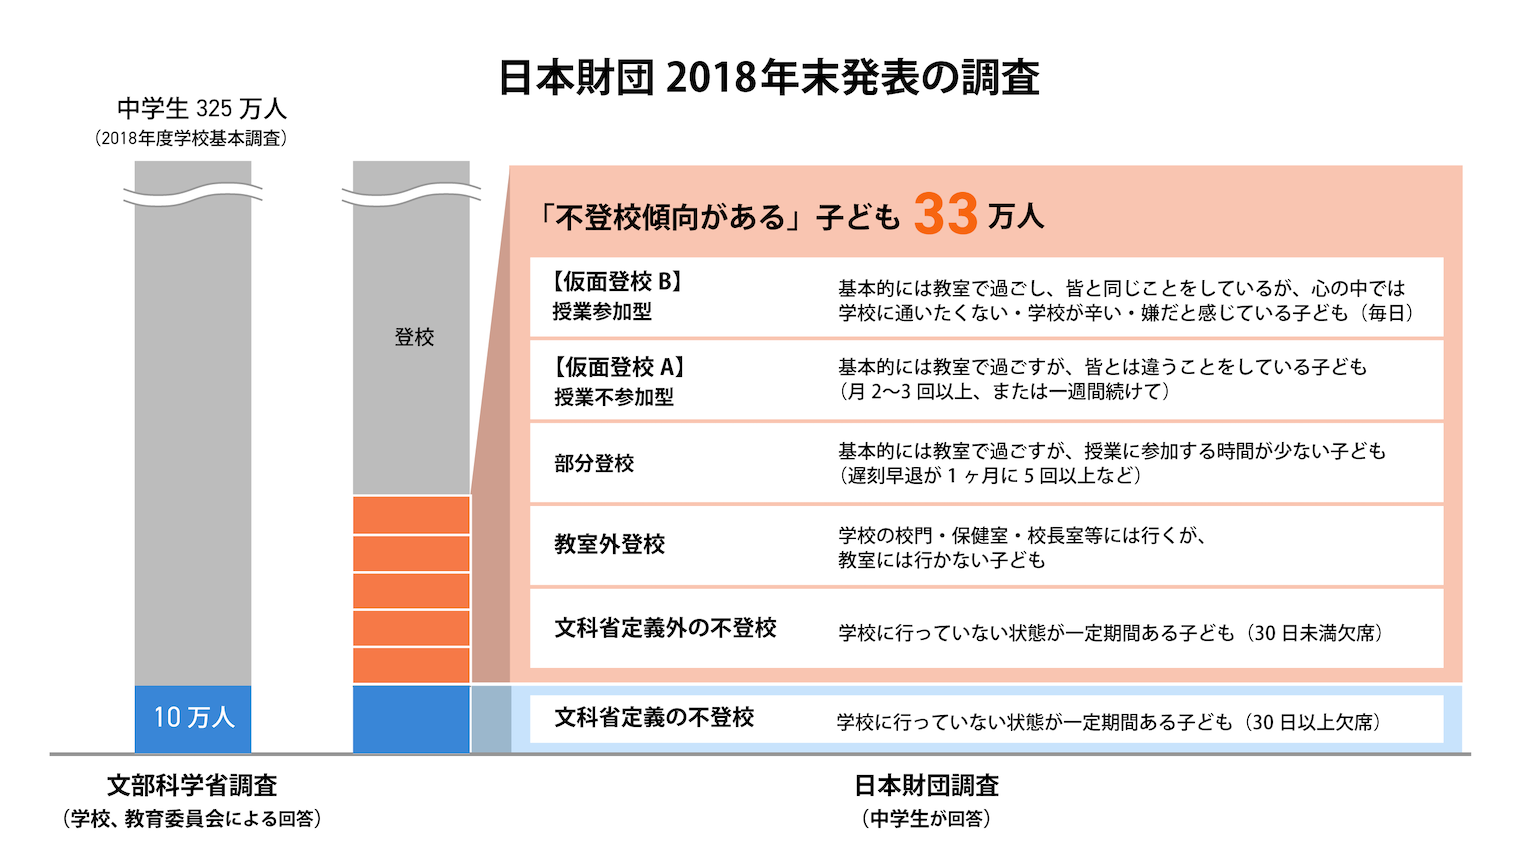 日本財団 不登校傾向にある子どもの調査